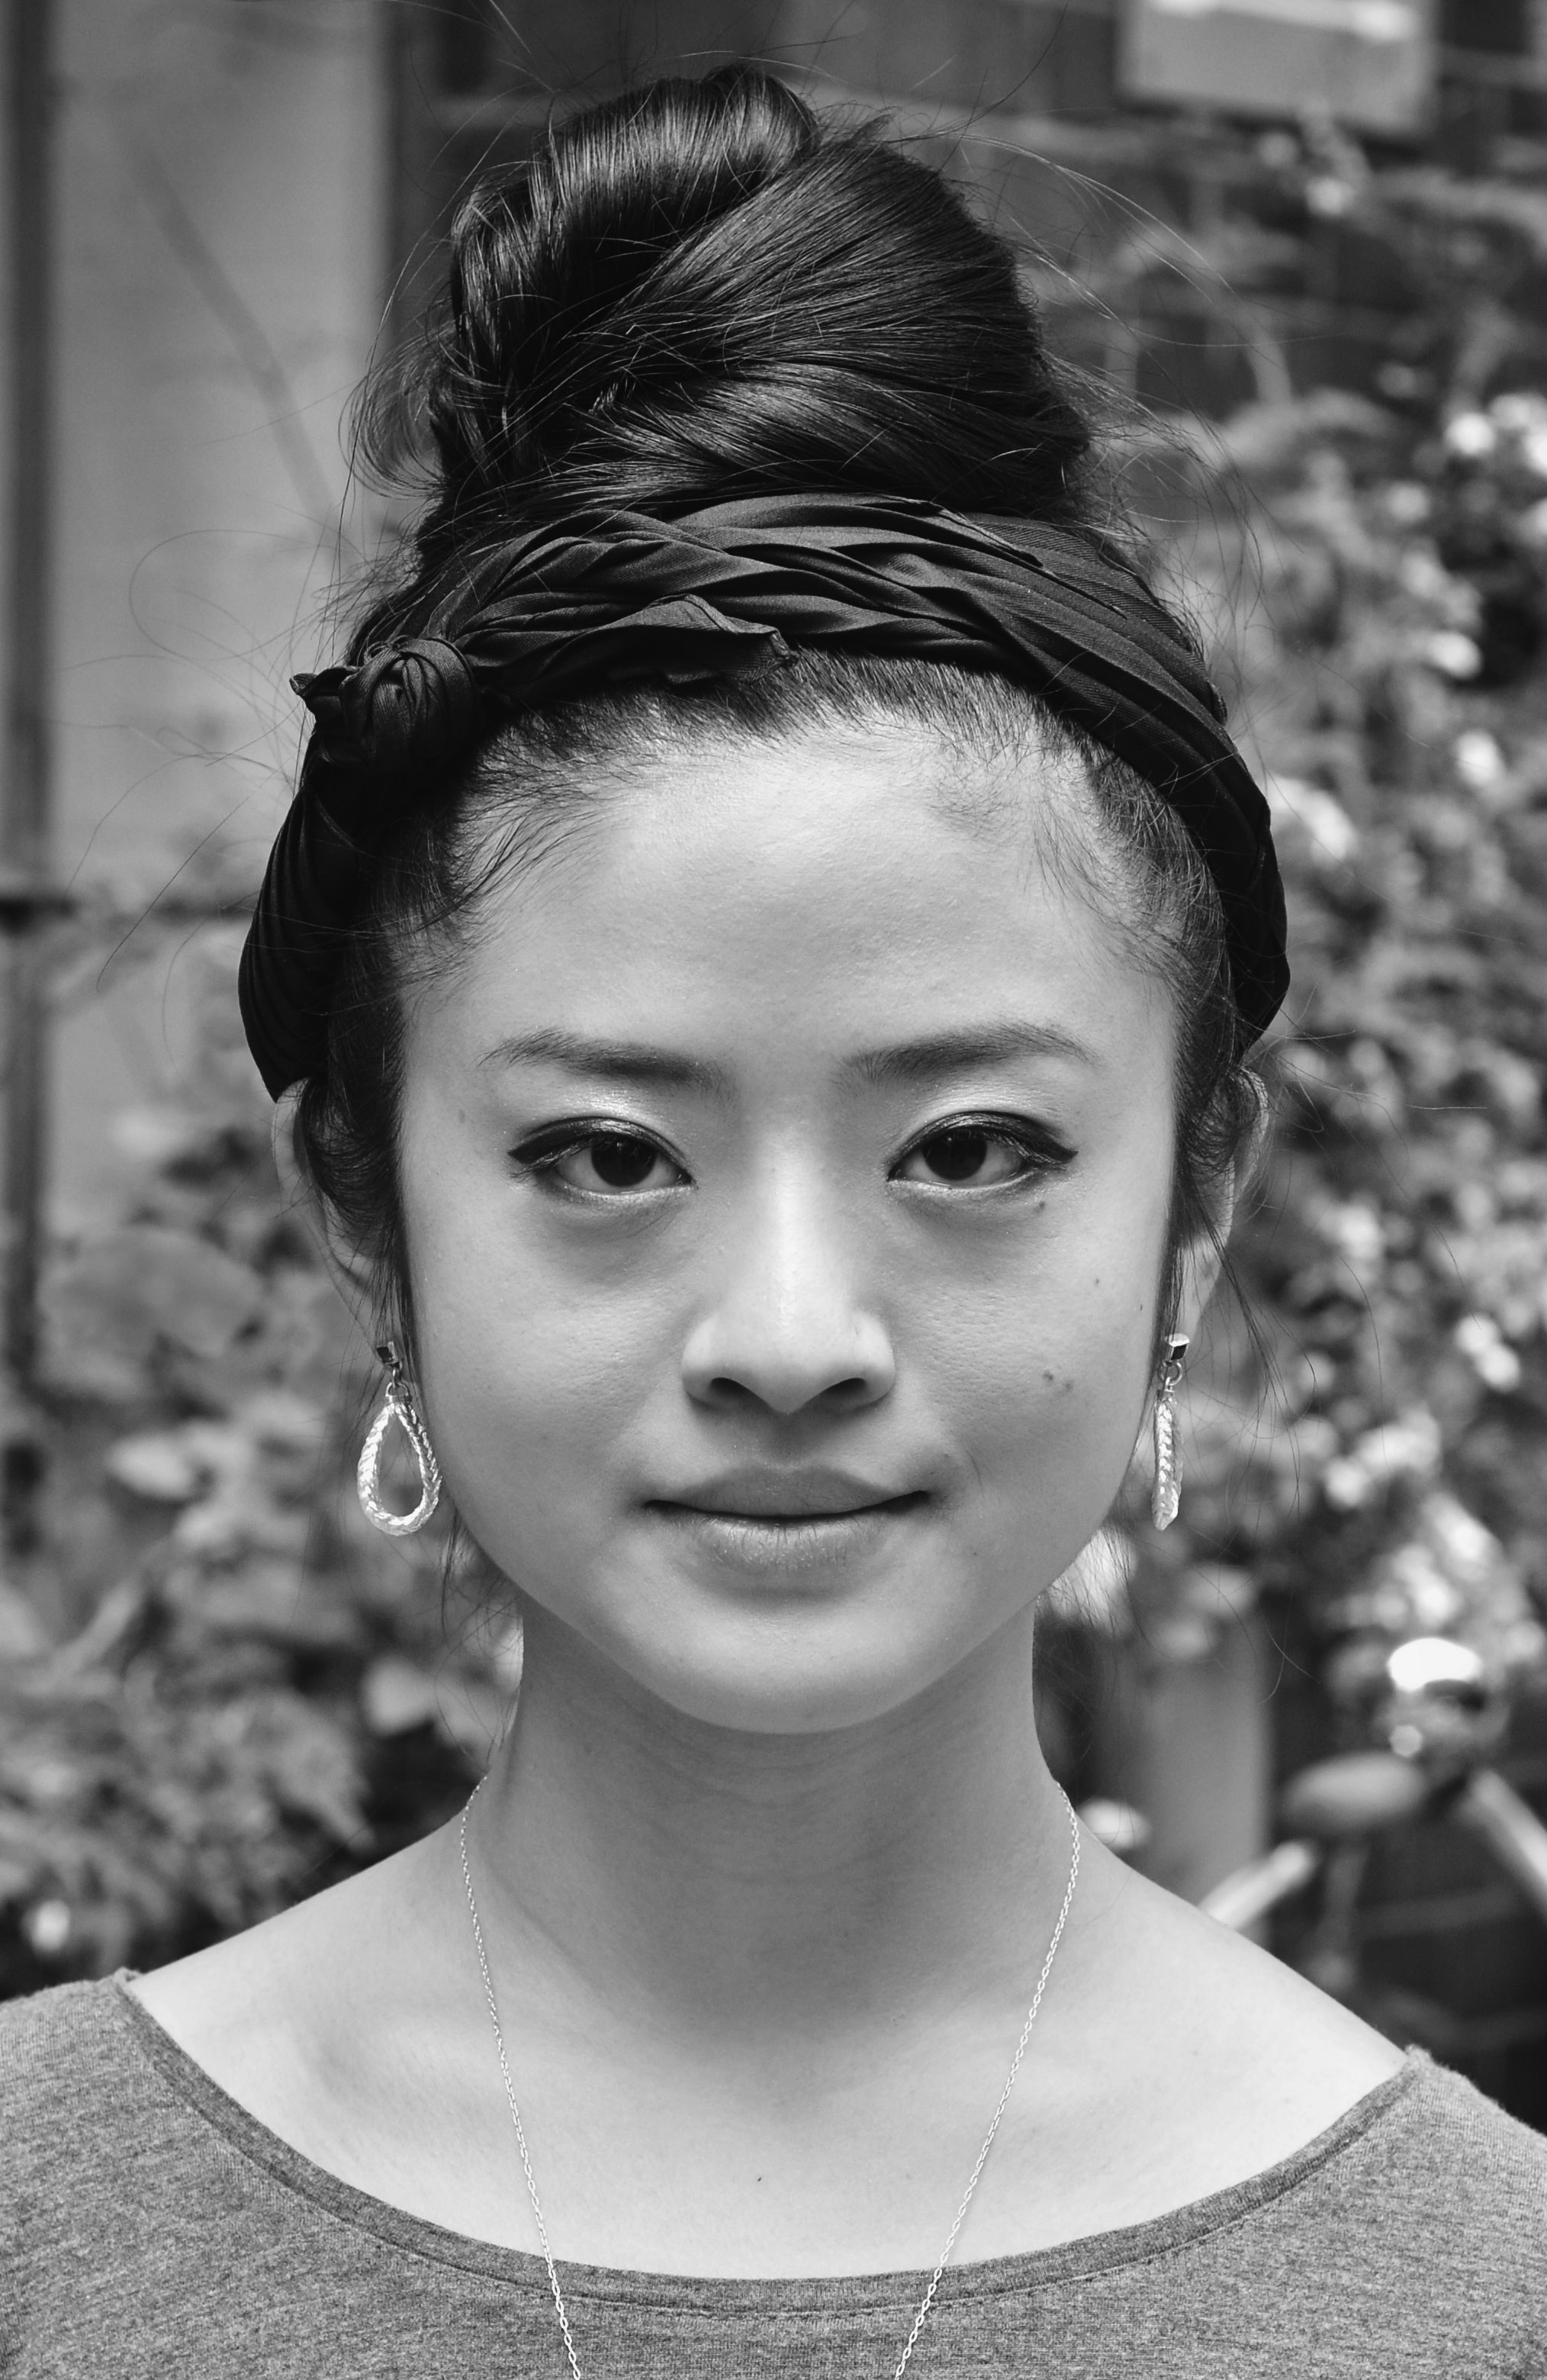 Ayako Kanari